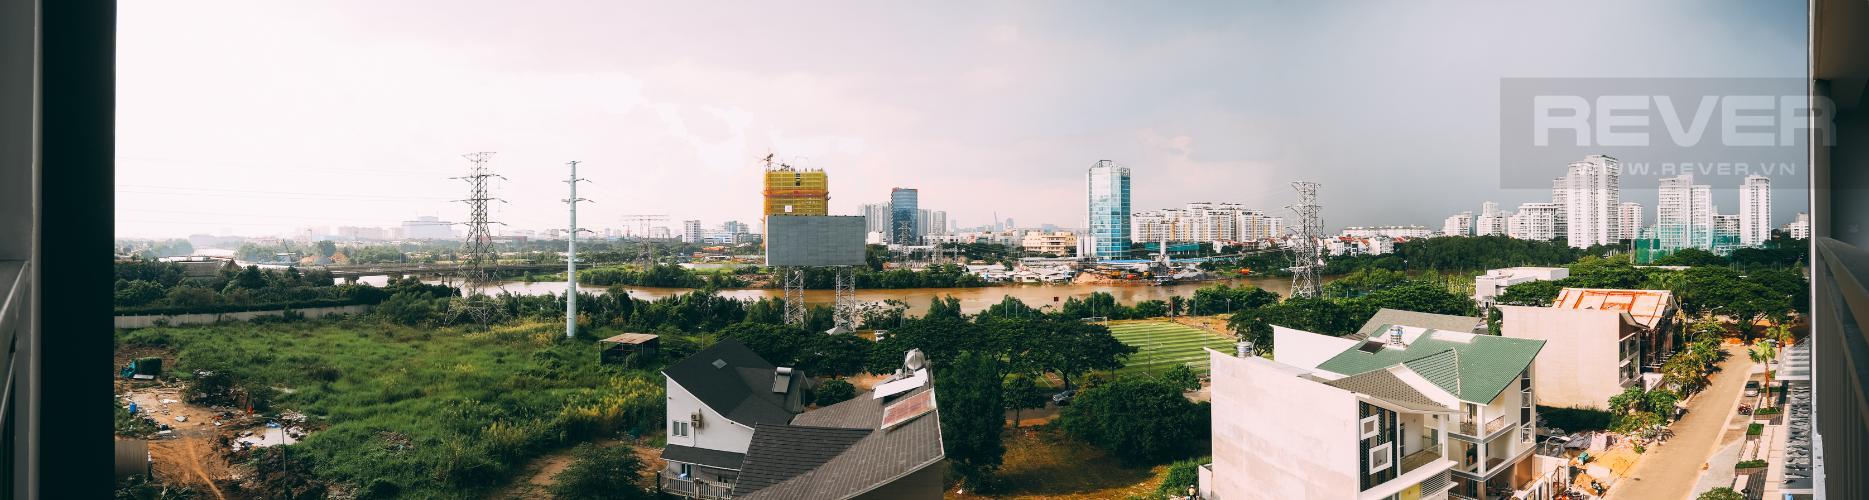 View Bán căn hộ Sunrise Riverside tầng trung, 3PN, diện tích rộng rãi